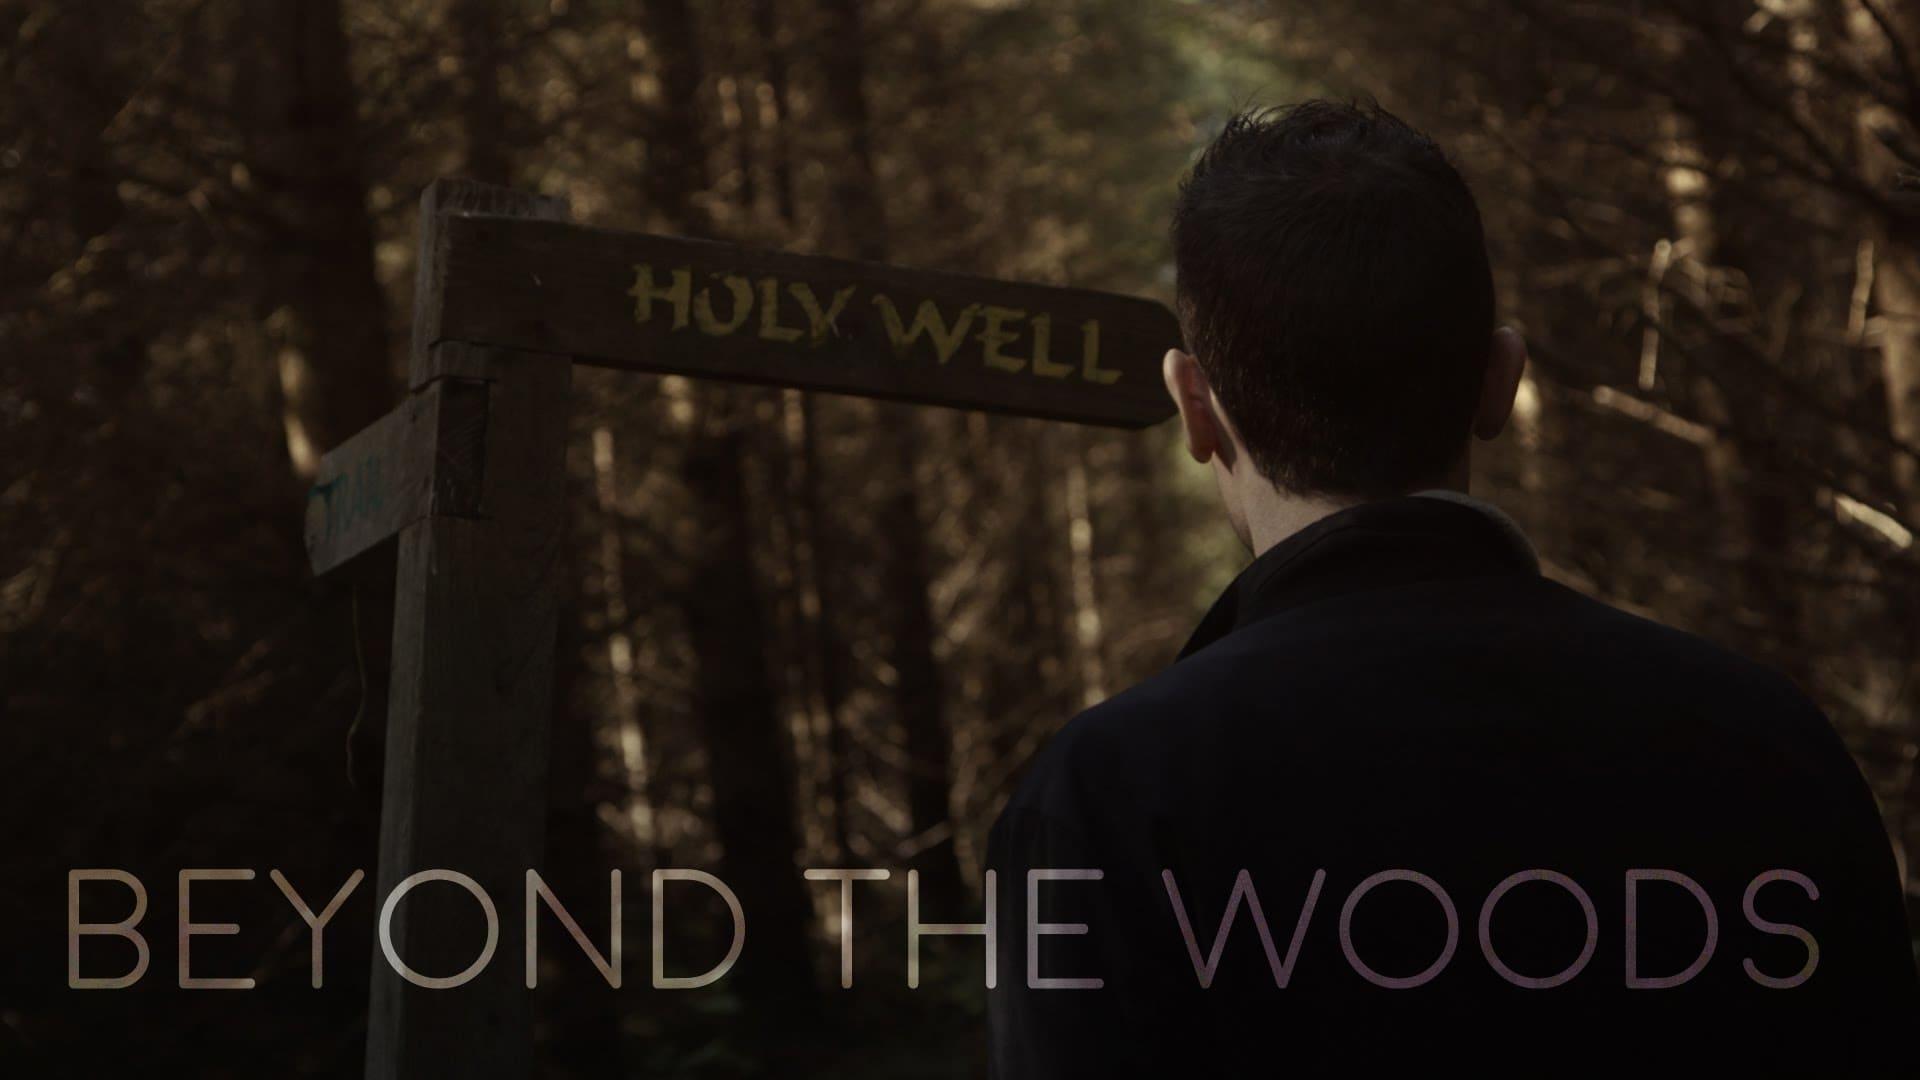 Regarder Beyond the Woods en streaming gratuit